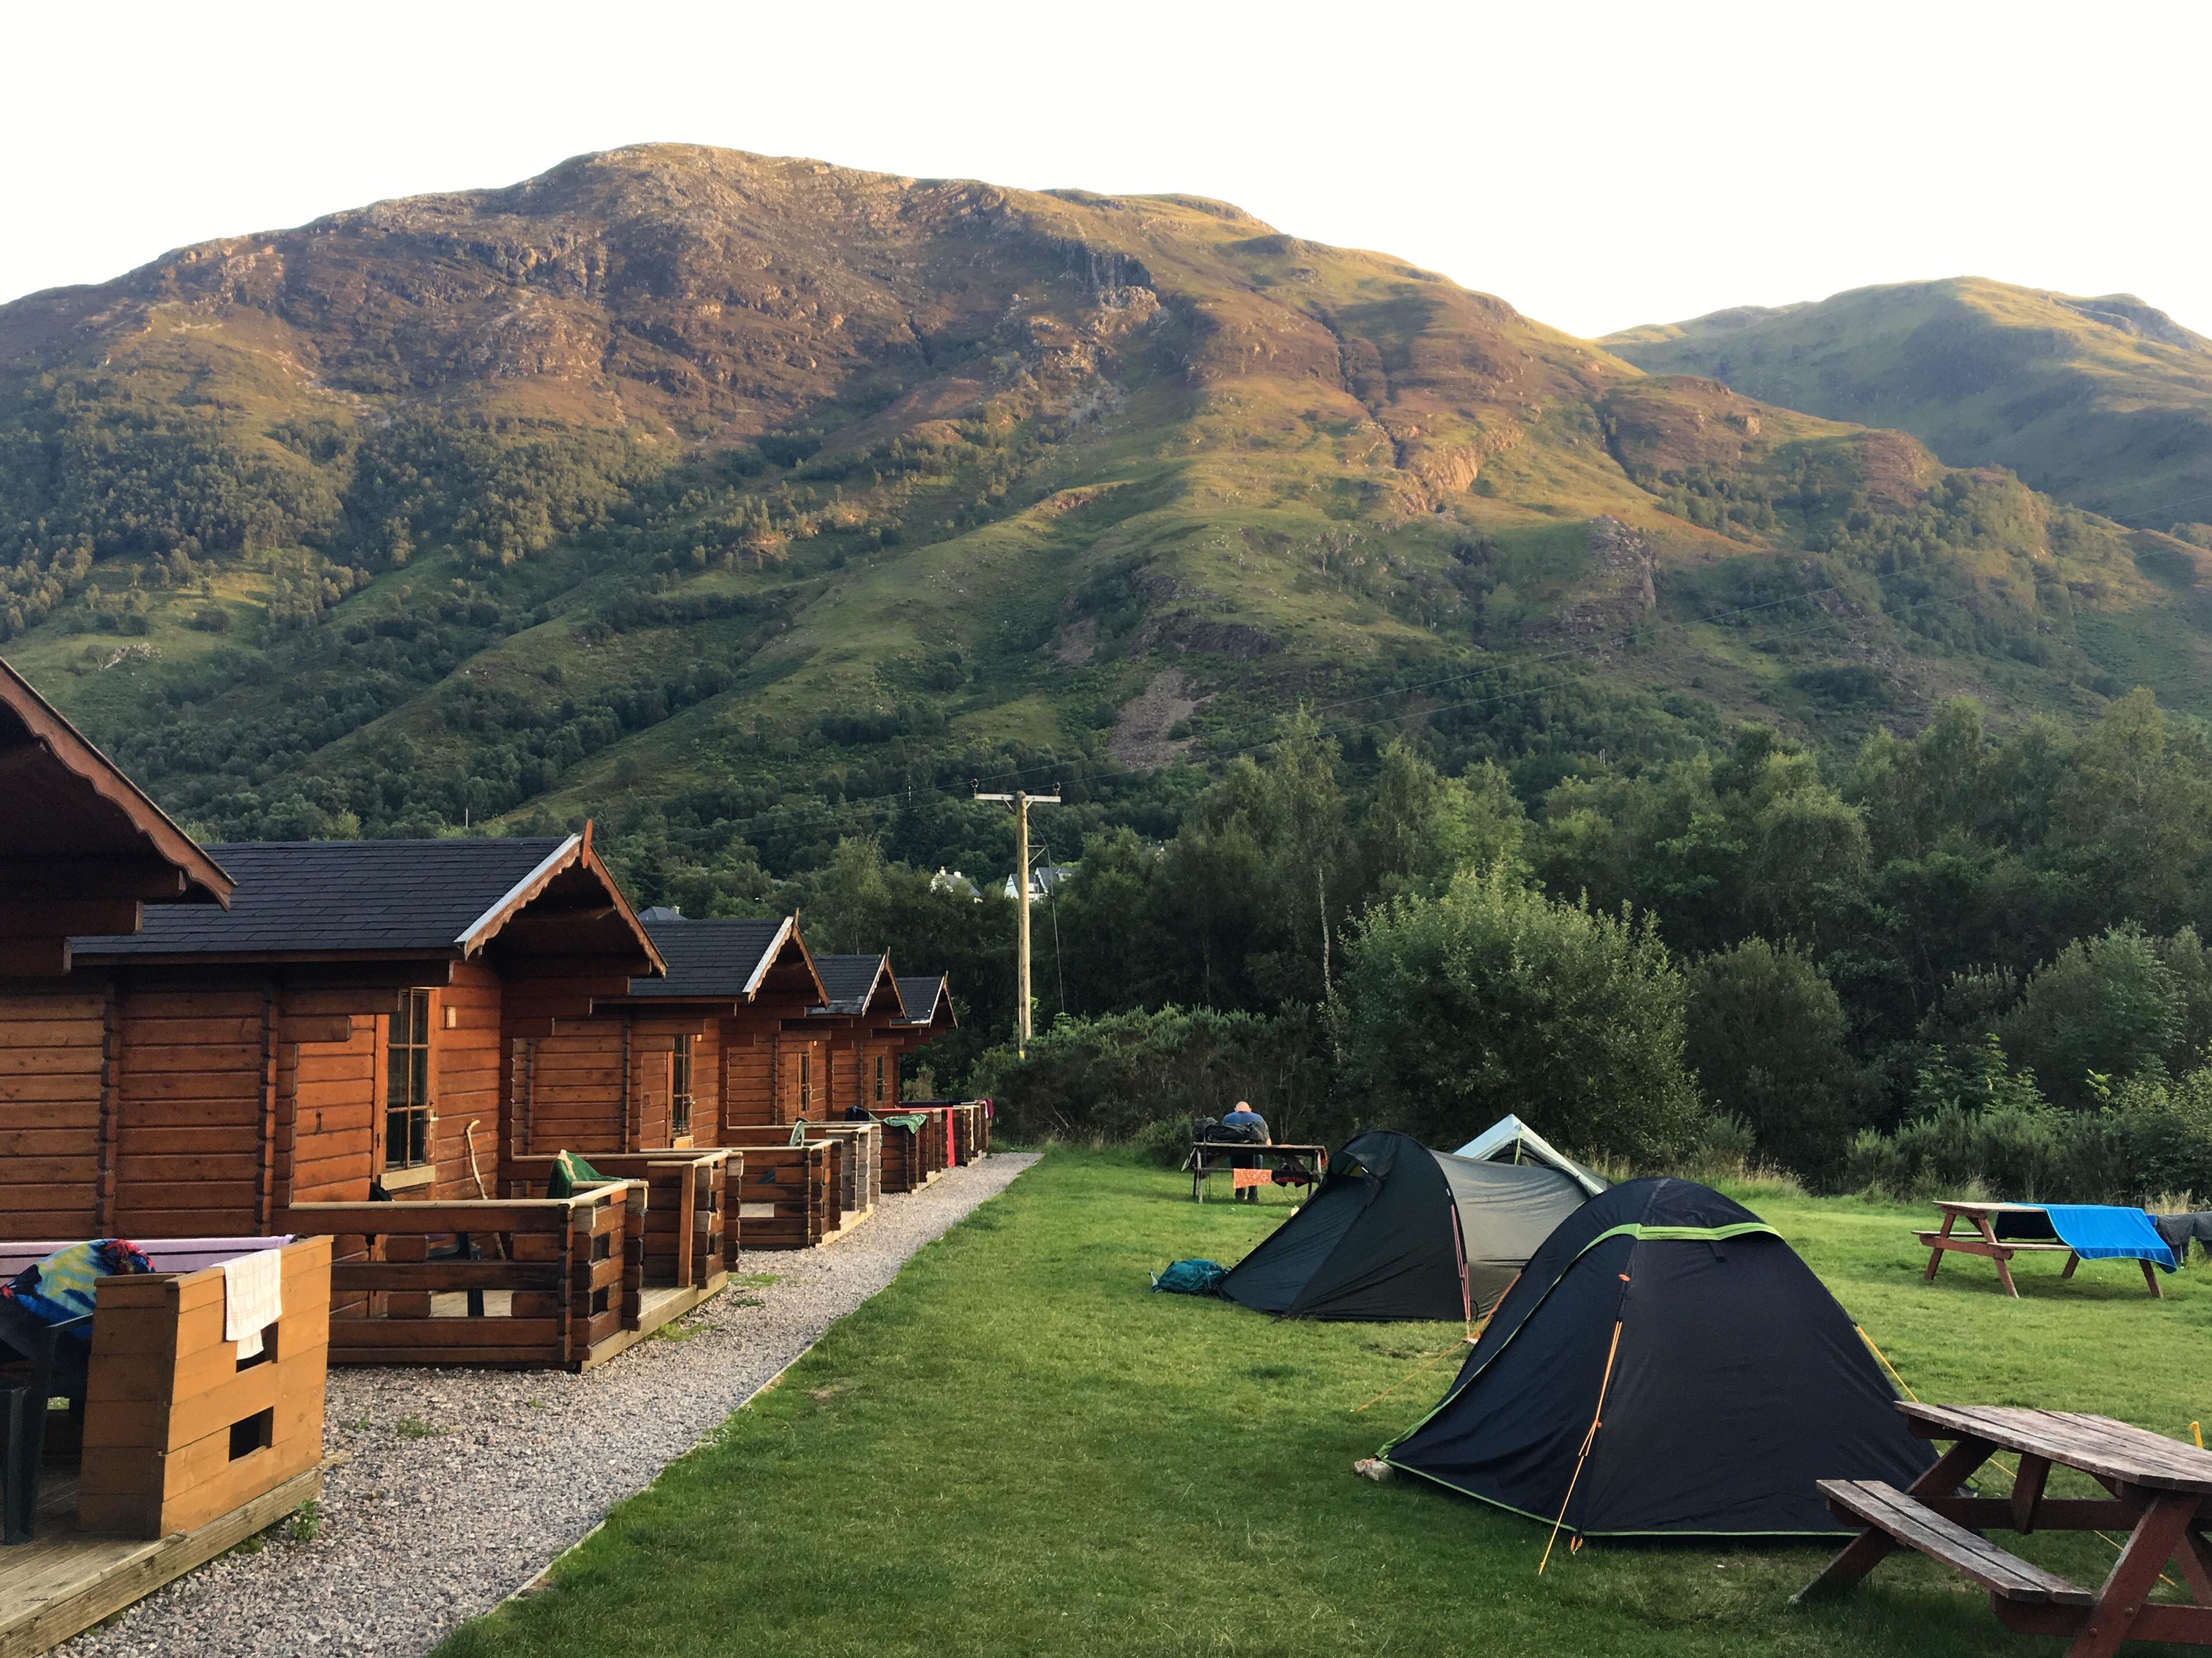 Campsite at MacDonald's Hotel and Cabins, Kinlochleven, Scotland